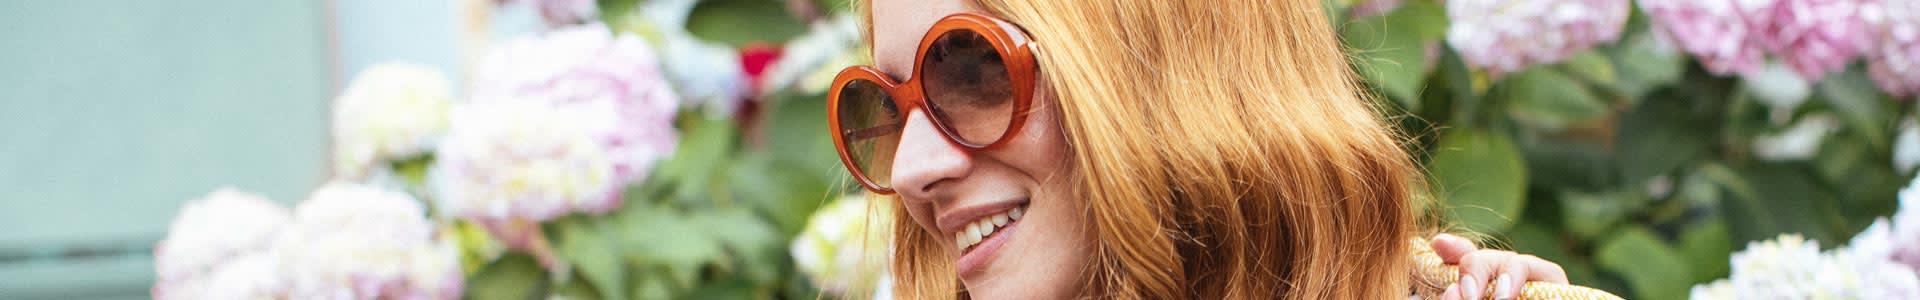 Shop by Color - Orange Frames